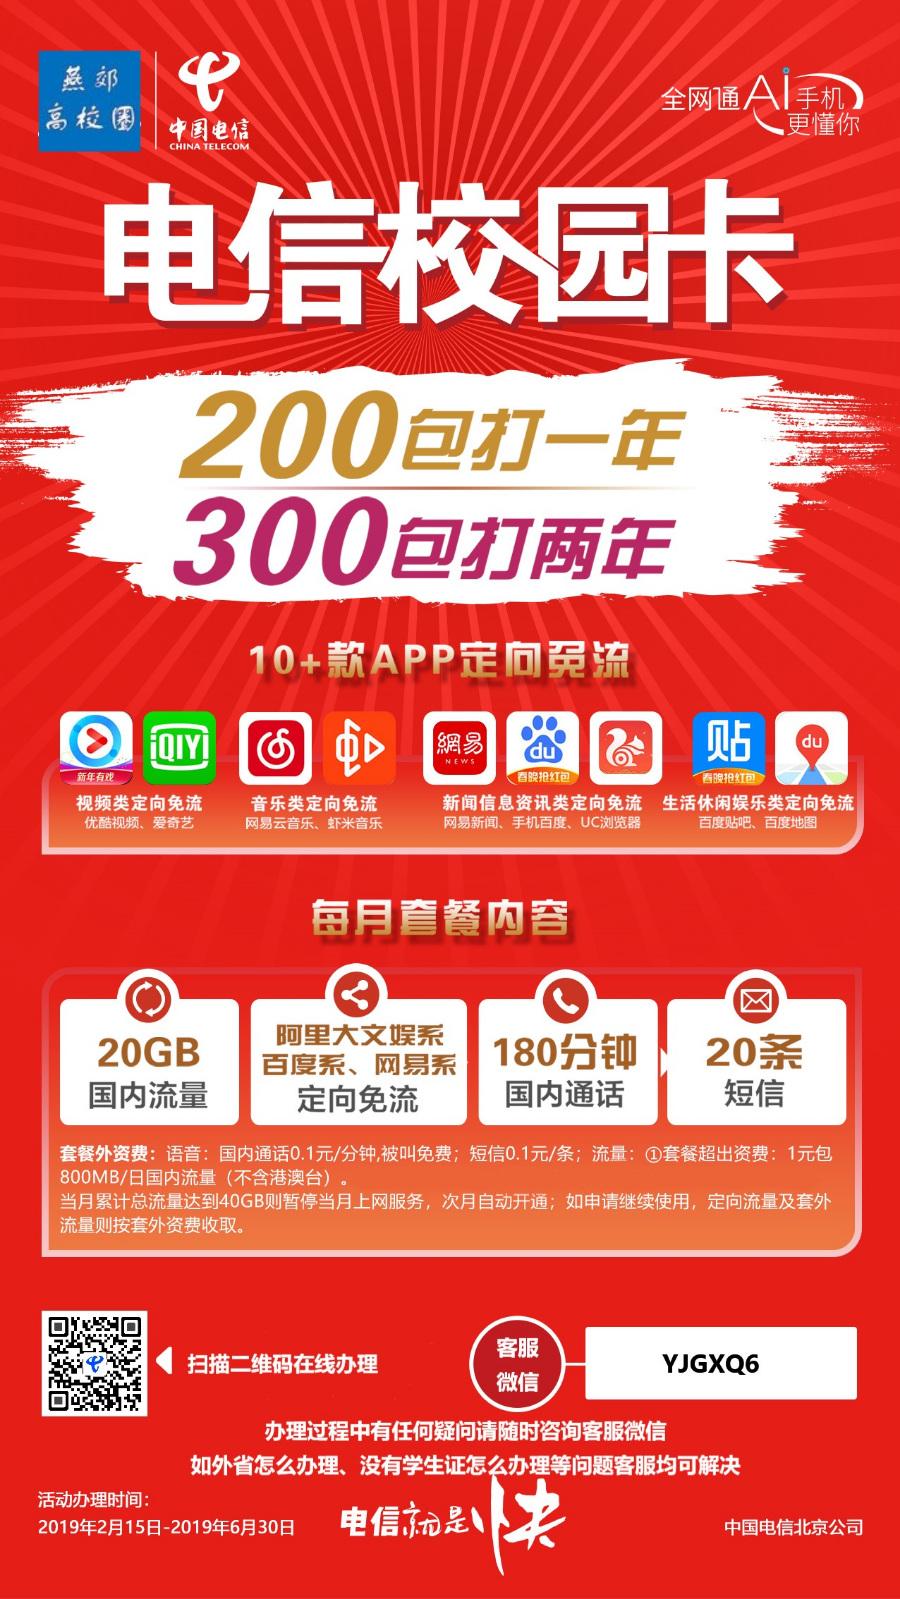 中国移动免费赠送10GB流量,连送3个月!发送2019到10086领取!亲测有效!